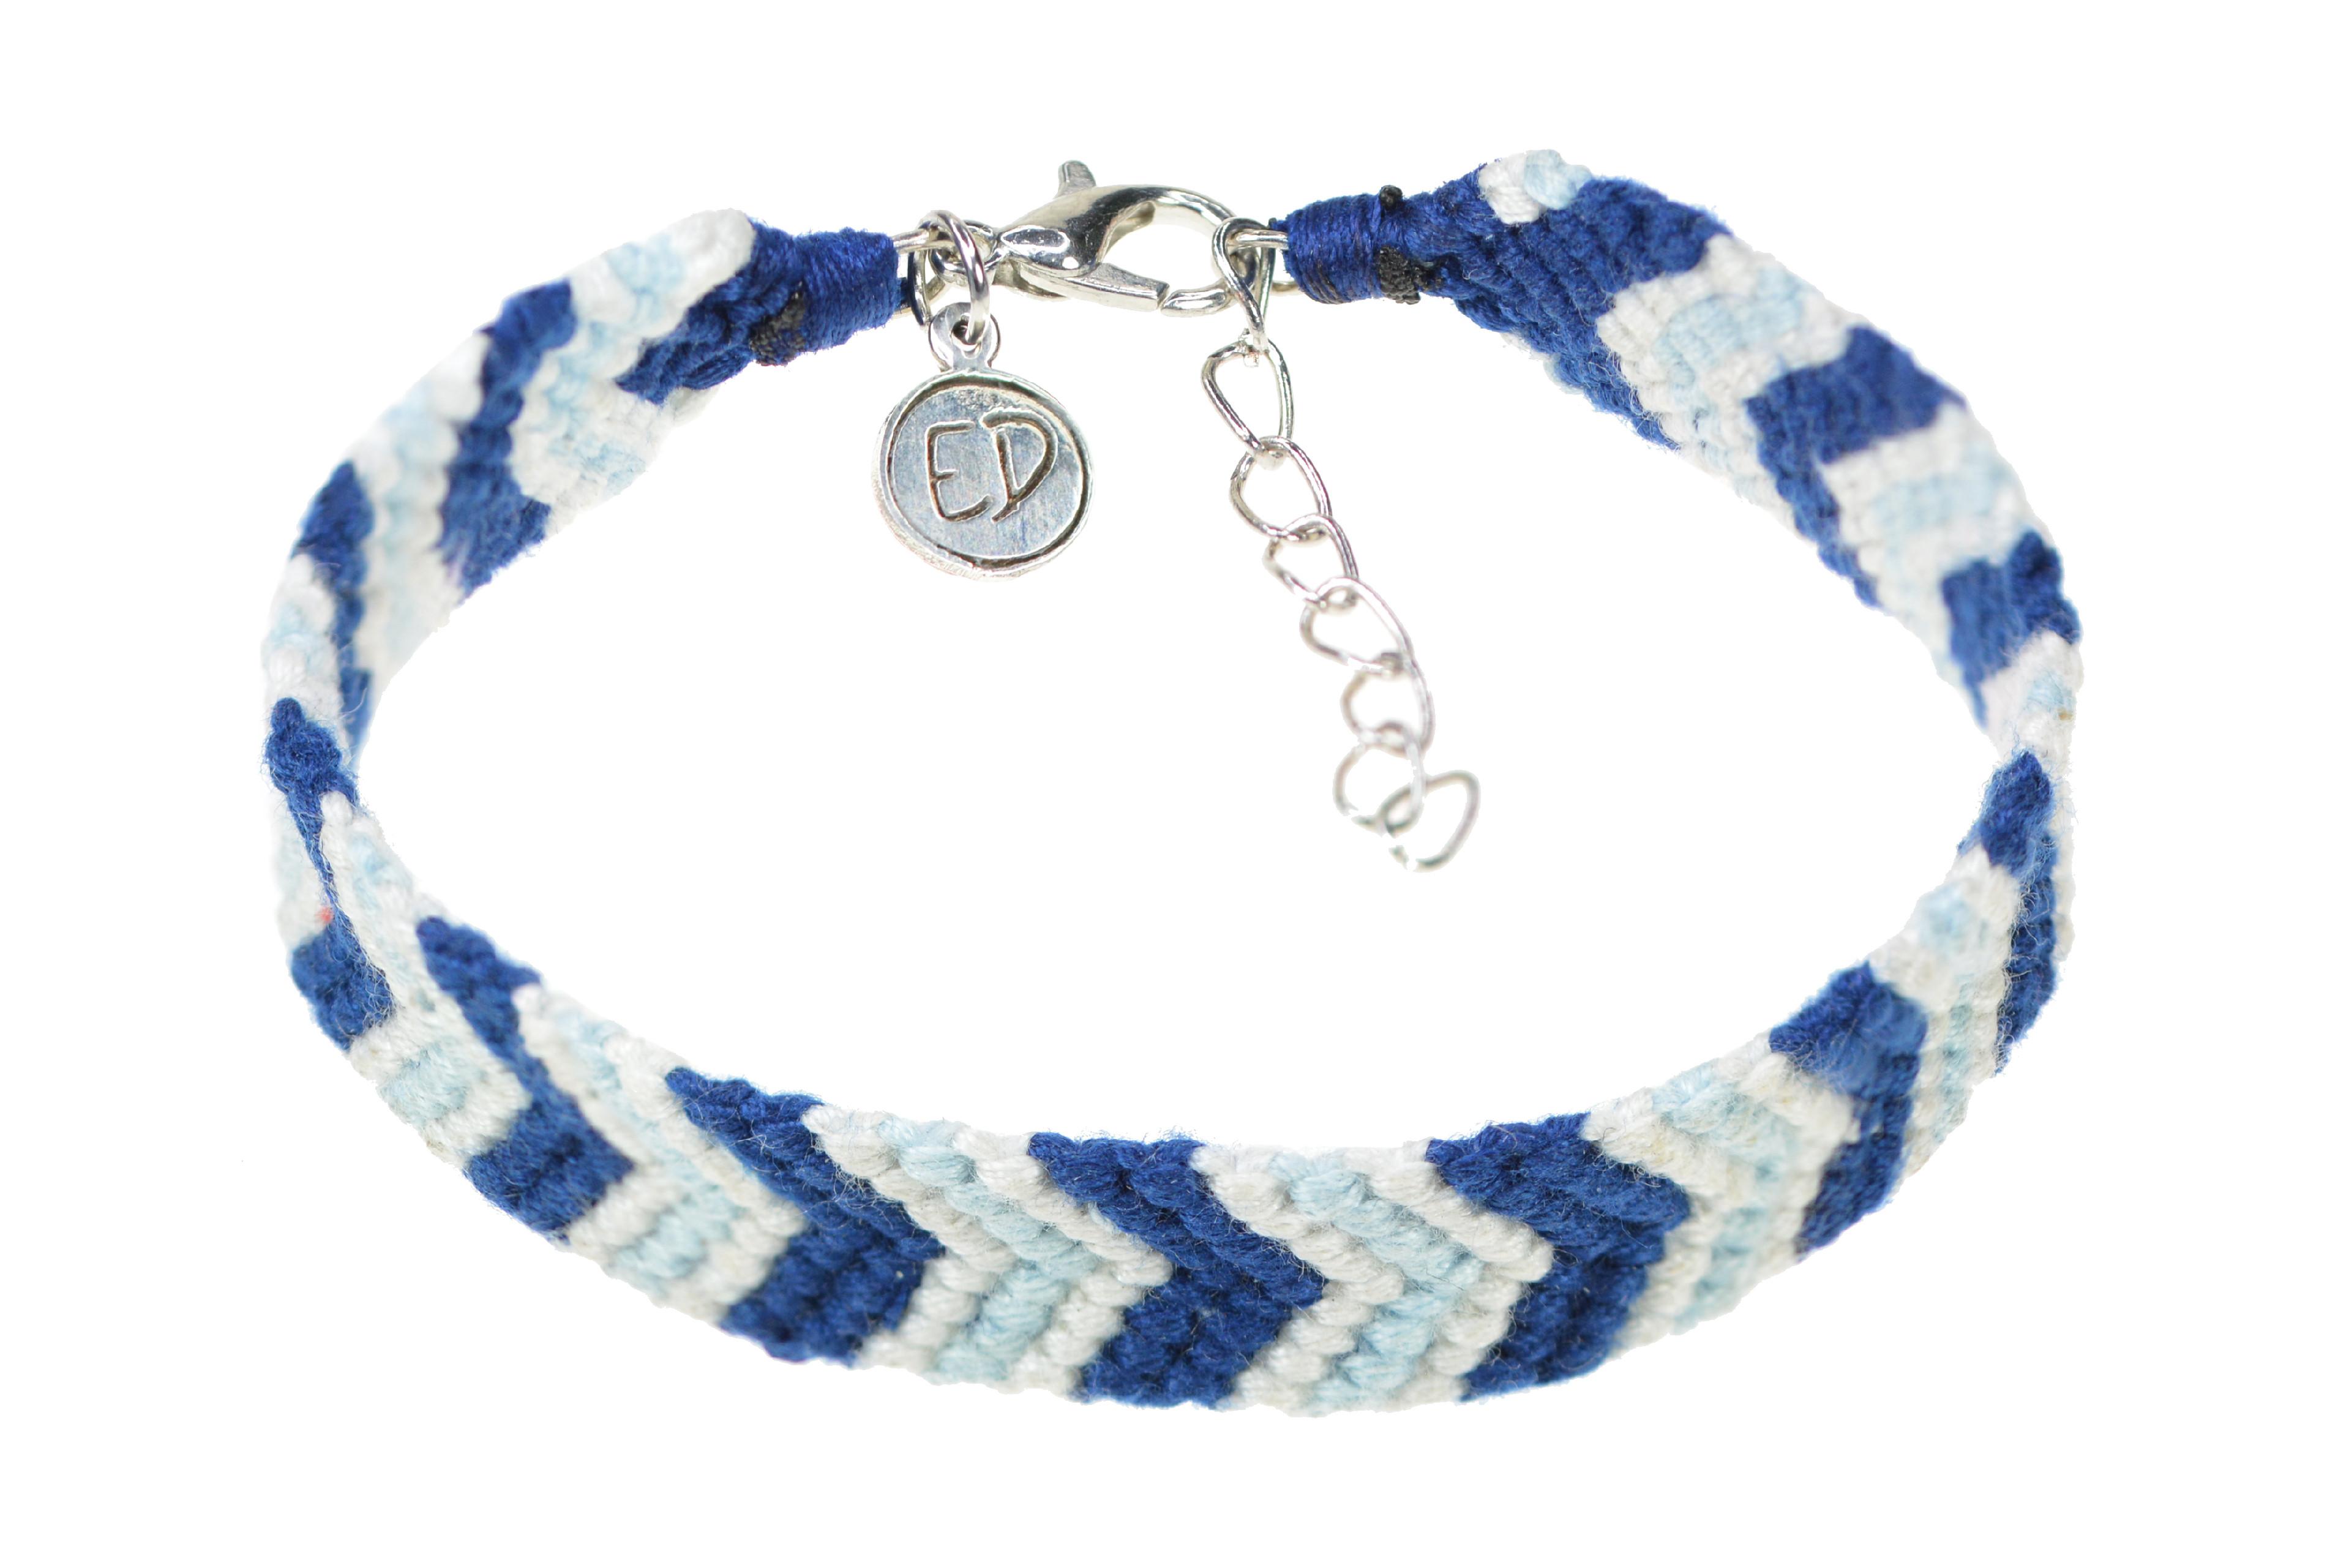 Dámsky ručne pletený náramok so strieborným zapínaním - modro-biely